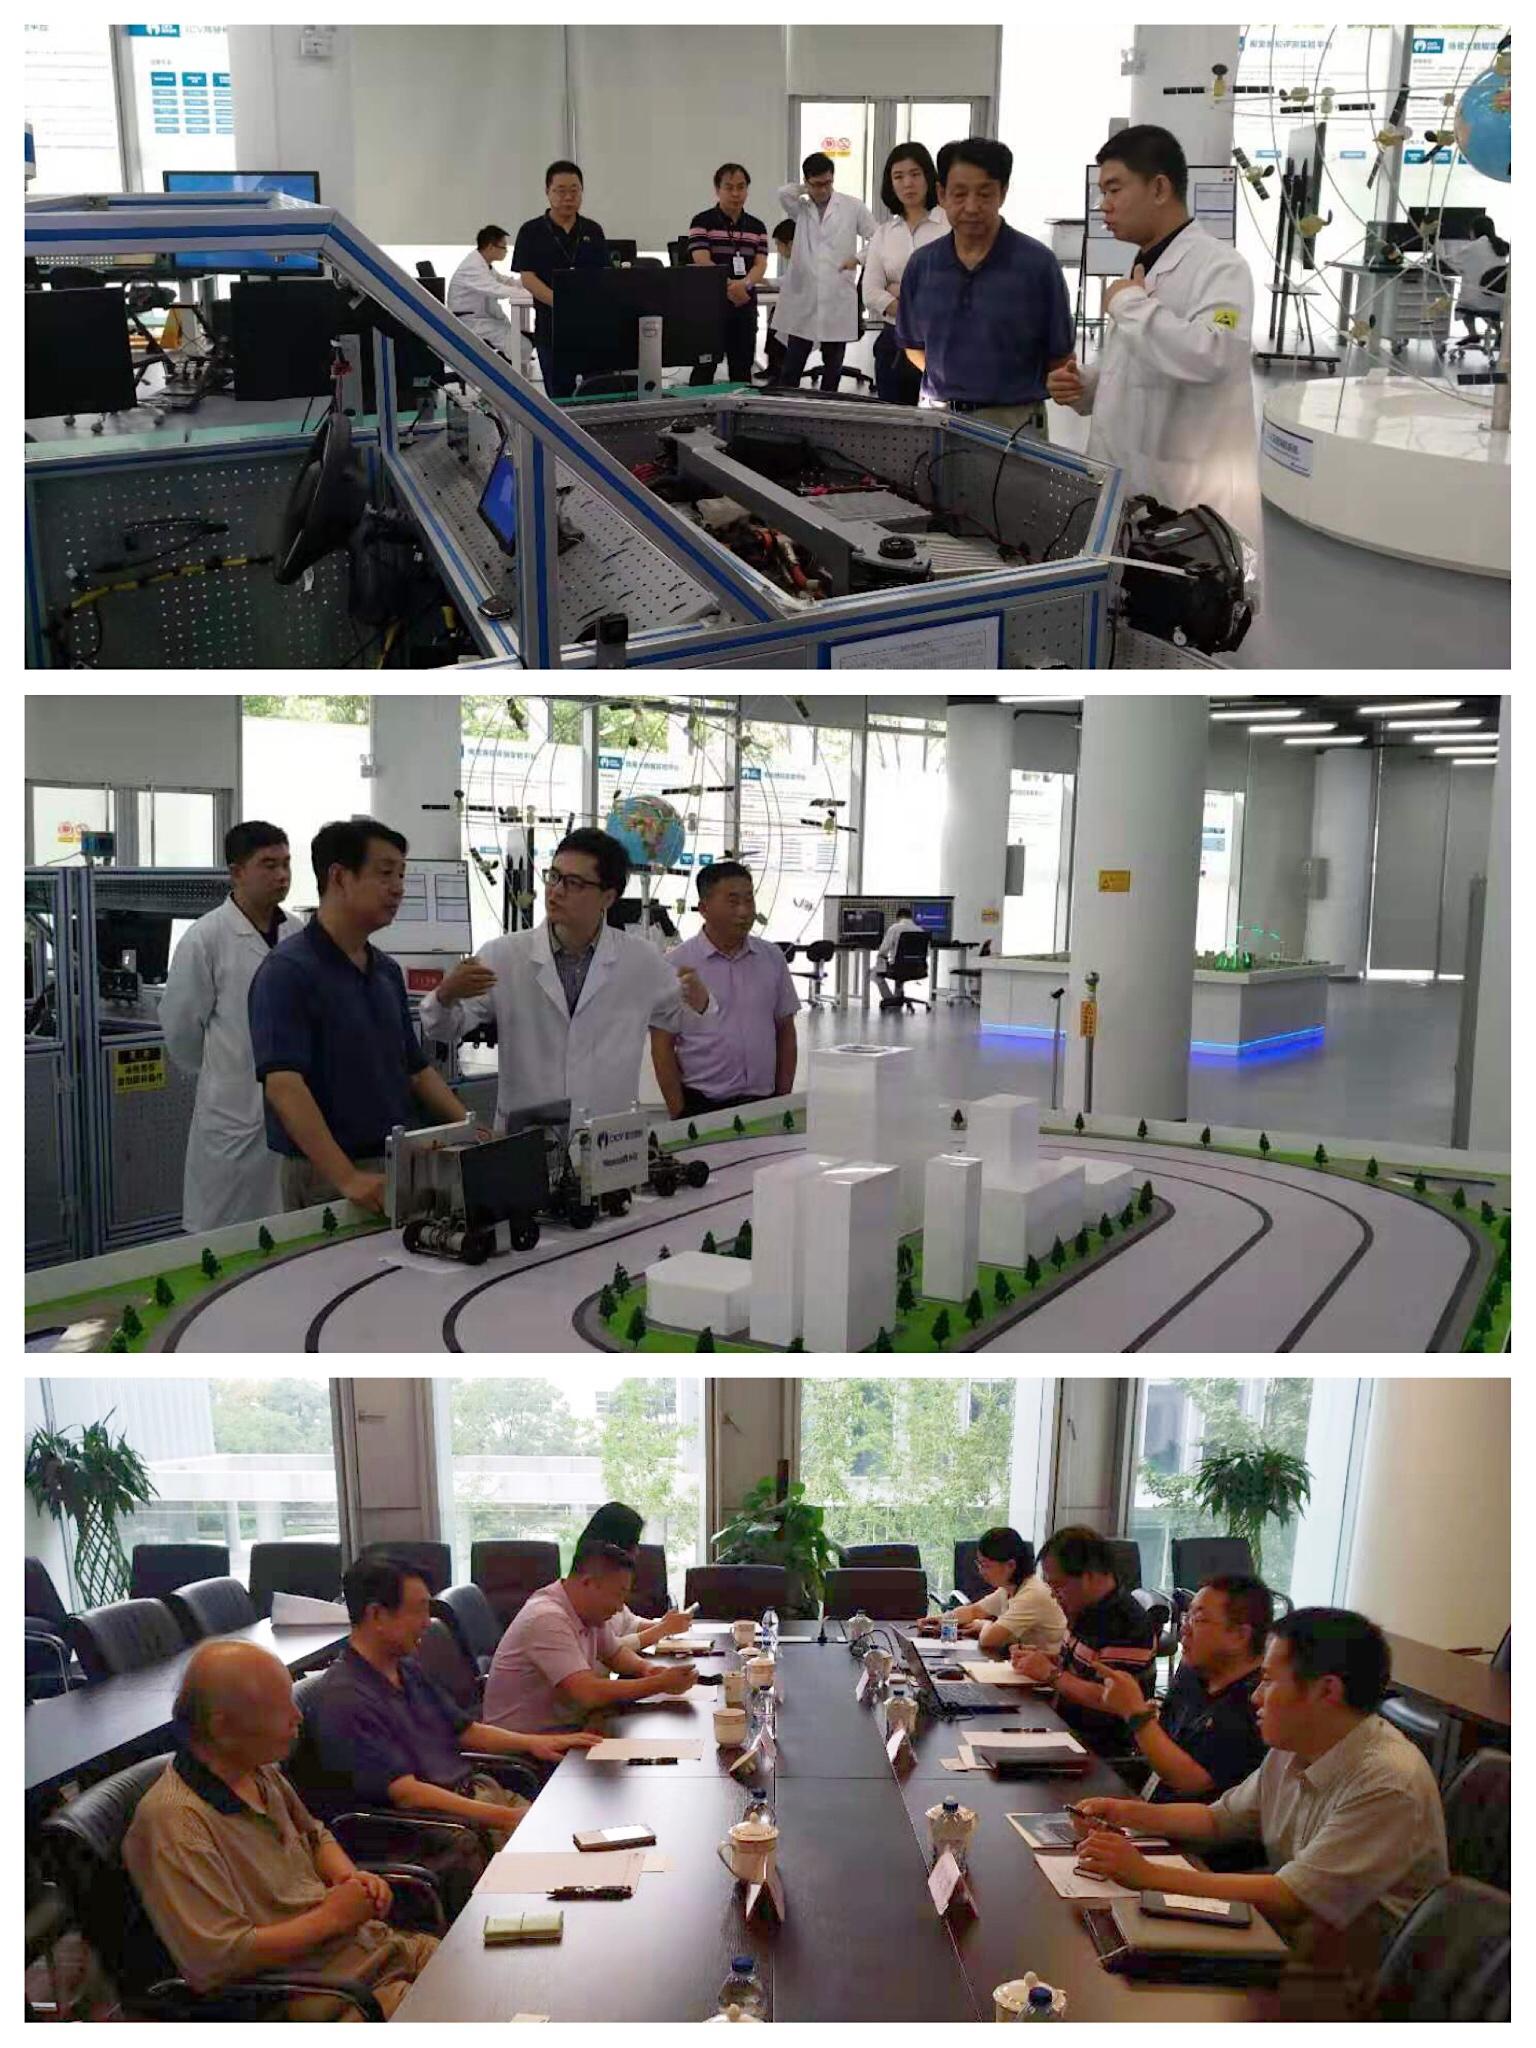 中国卫星导航定位协会会长于贤成到国汽(北京)智能网联汽车研究院调研